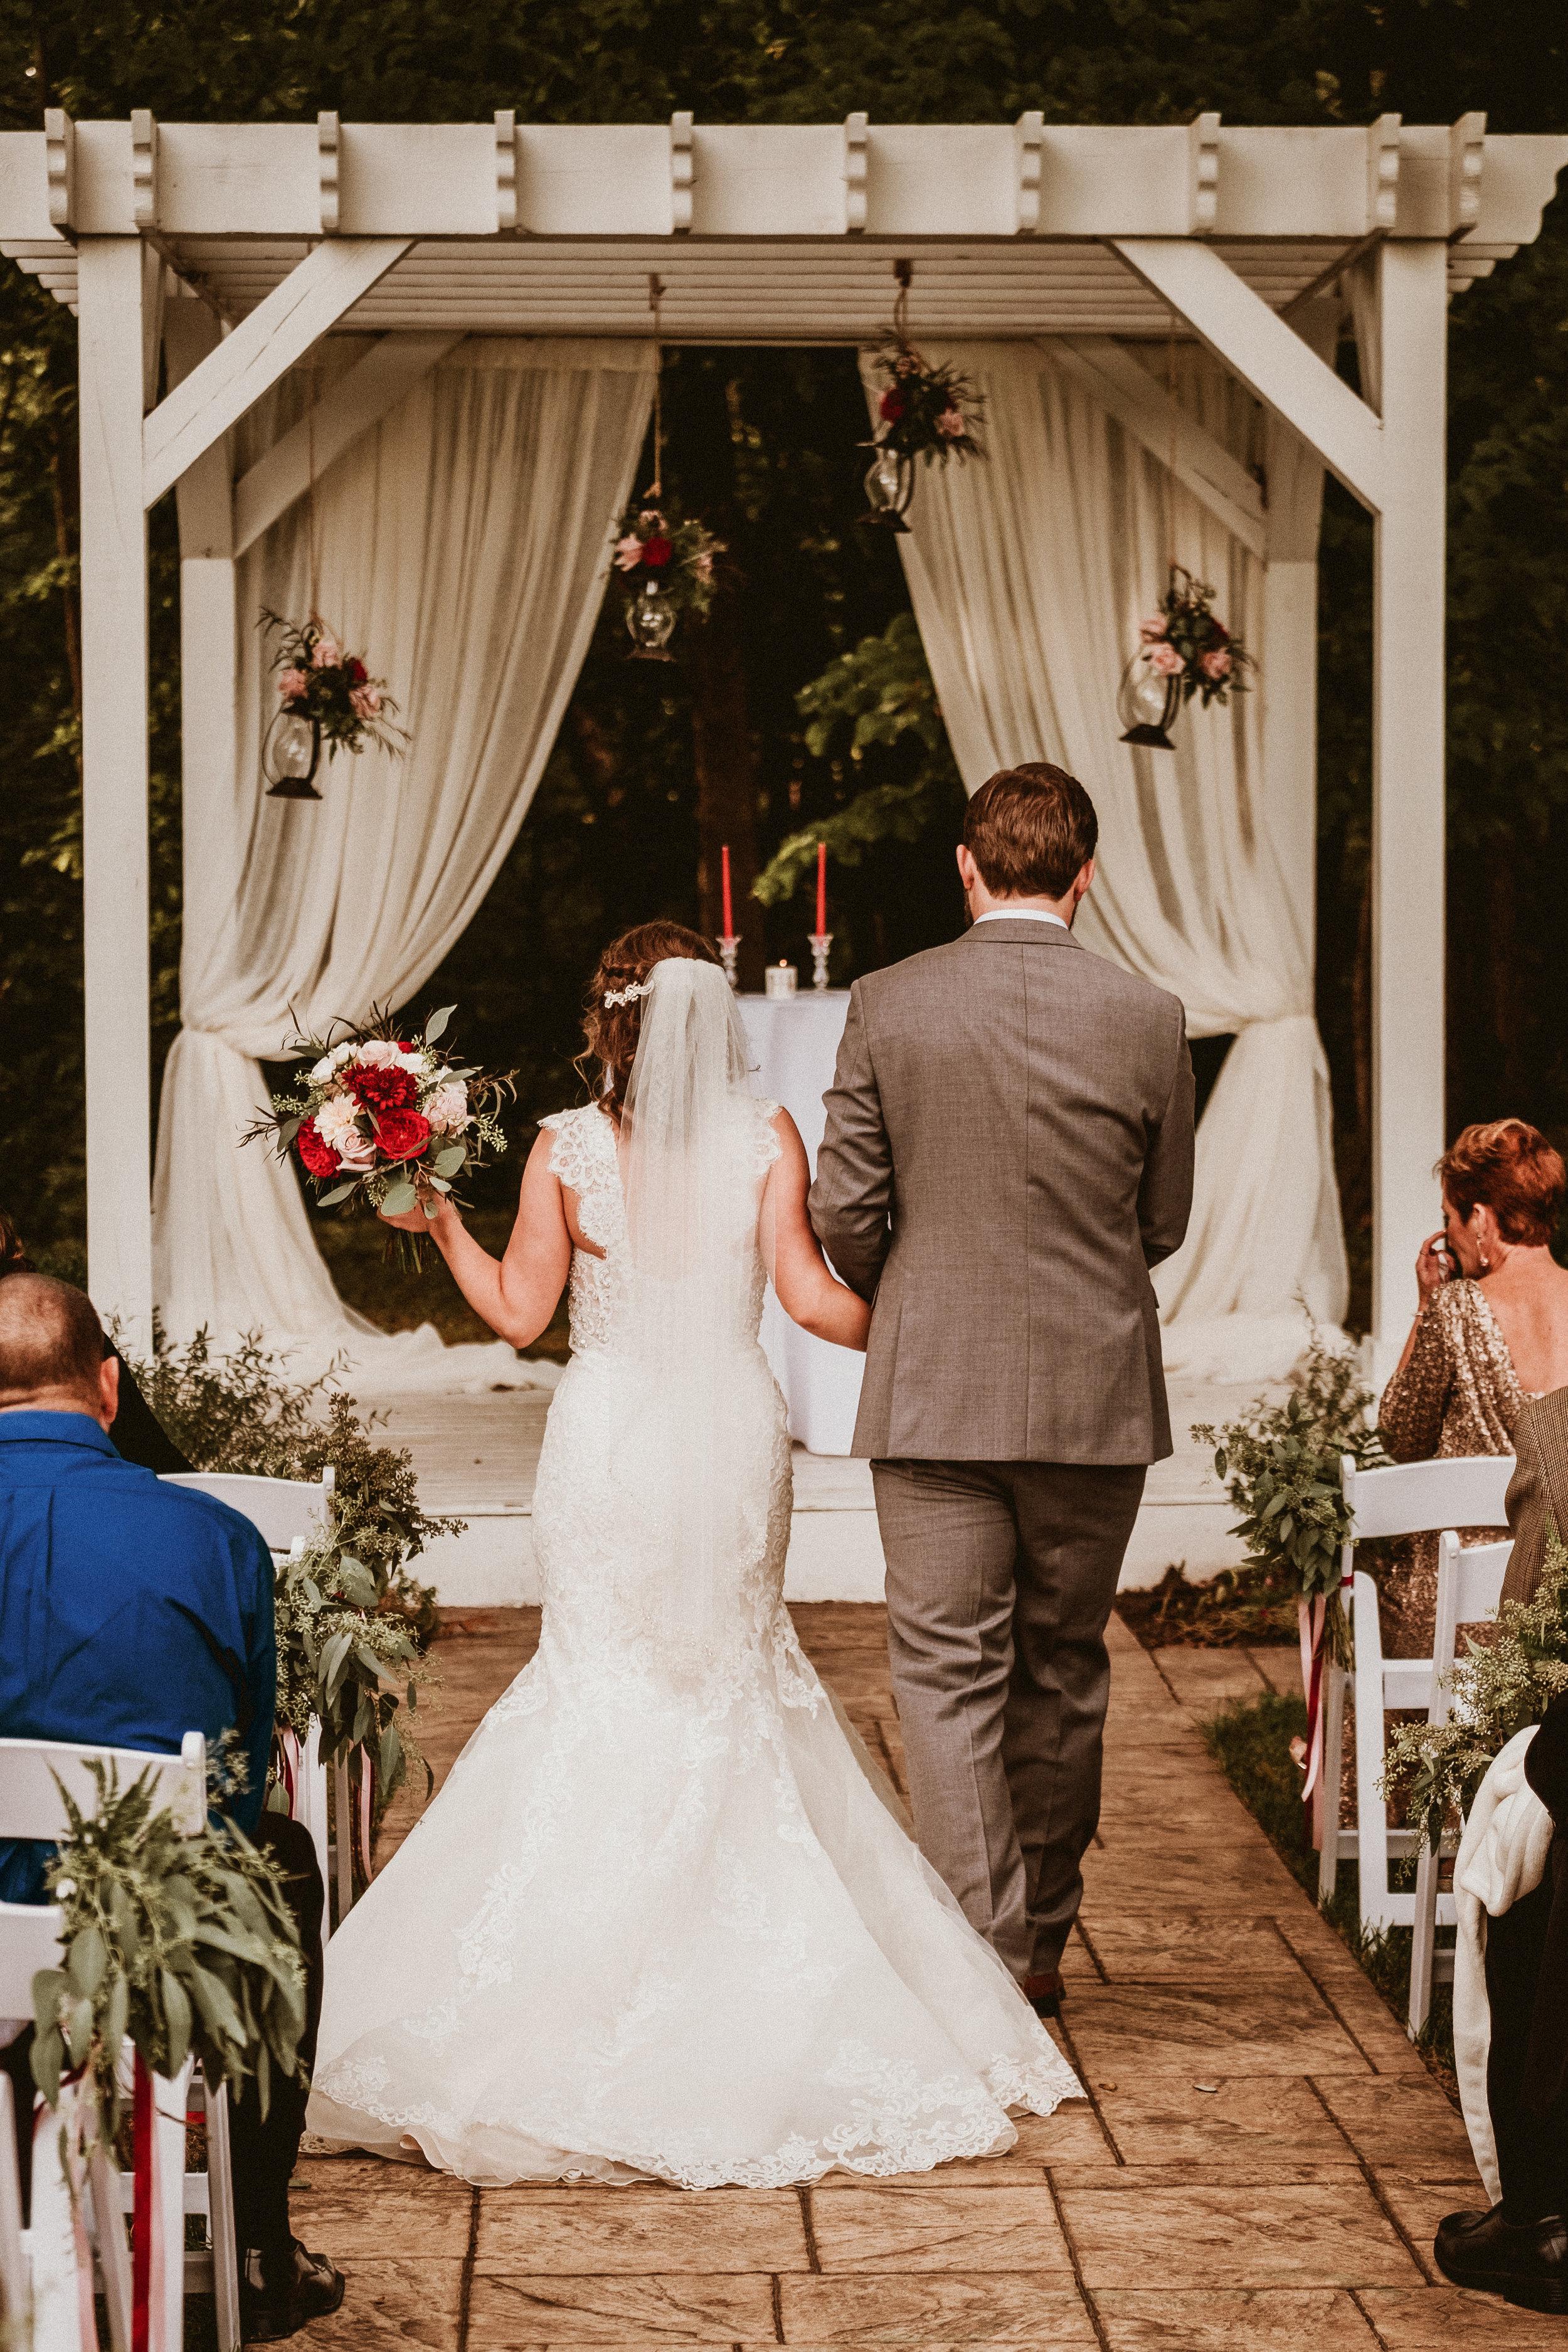 Fall Wedding Flowers bouquet hangind lanterns aisl greens.jpg